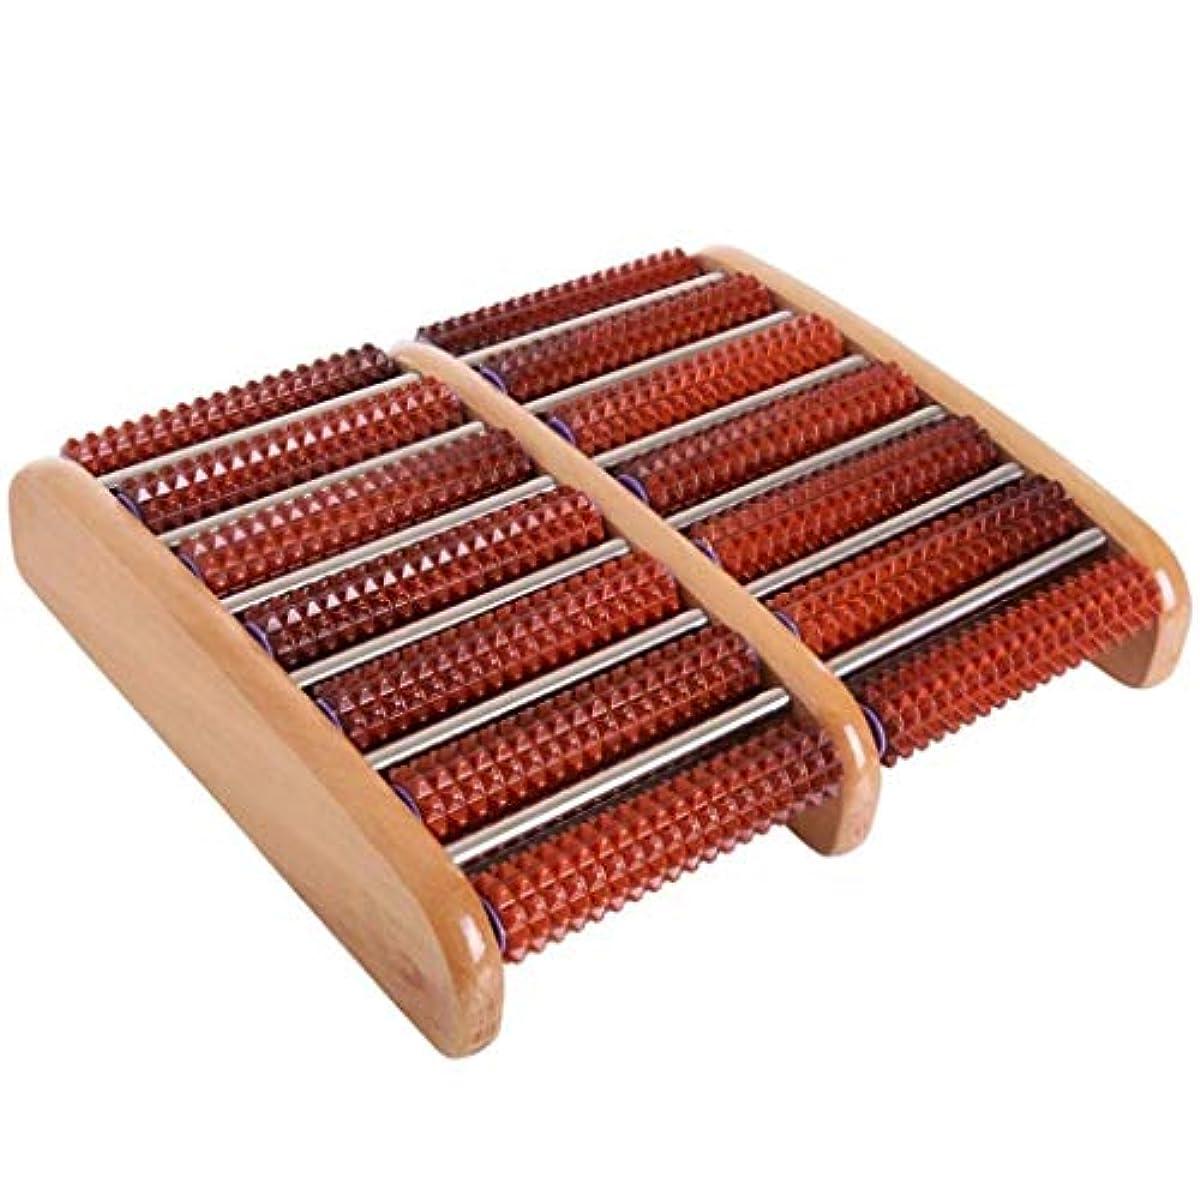 可能にするトースト壊滅的な足裏筋膜炎のための圧力/かかととアーチの痛みを和らげ、筋肉をリラックスさせ、フットマッサージャーをする木製のフットマッサージローラー (Color : A)